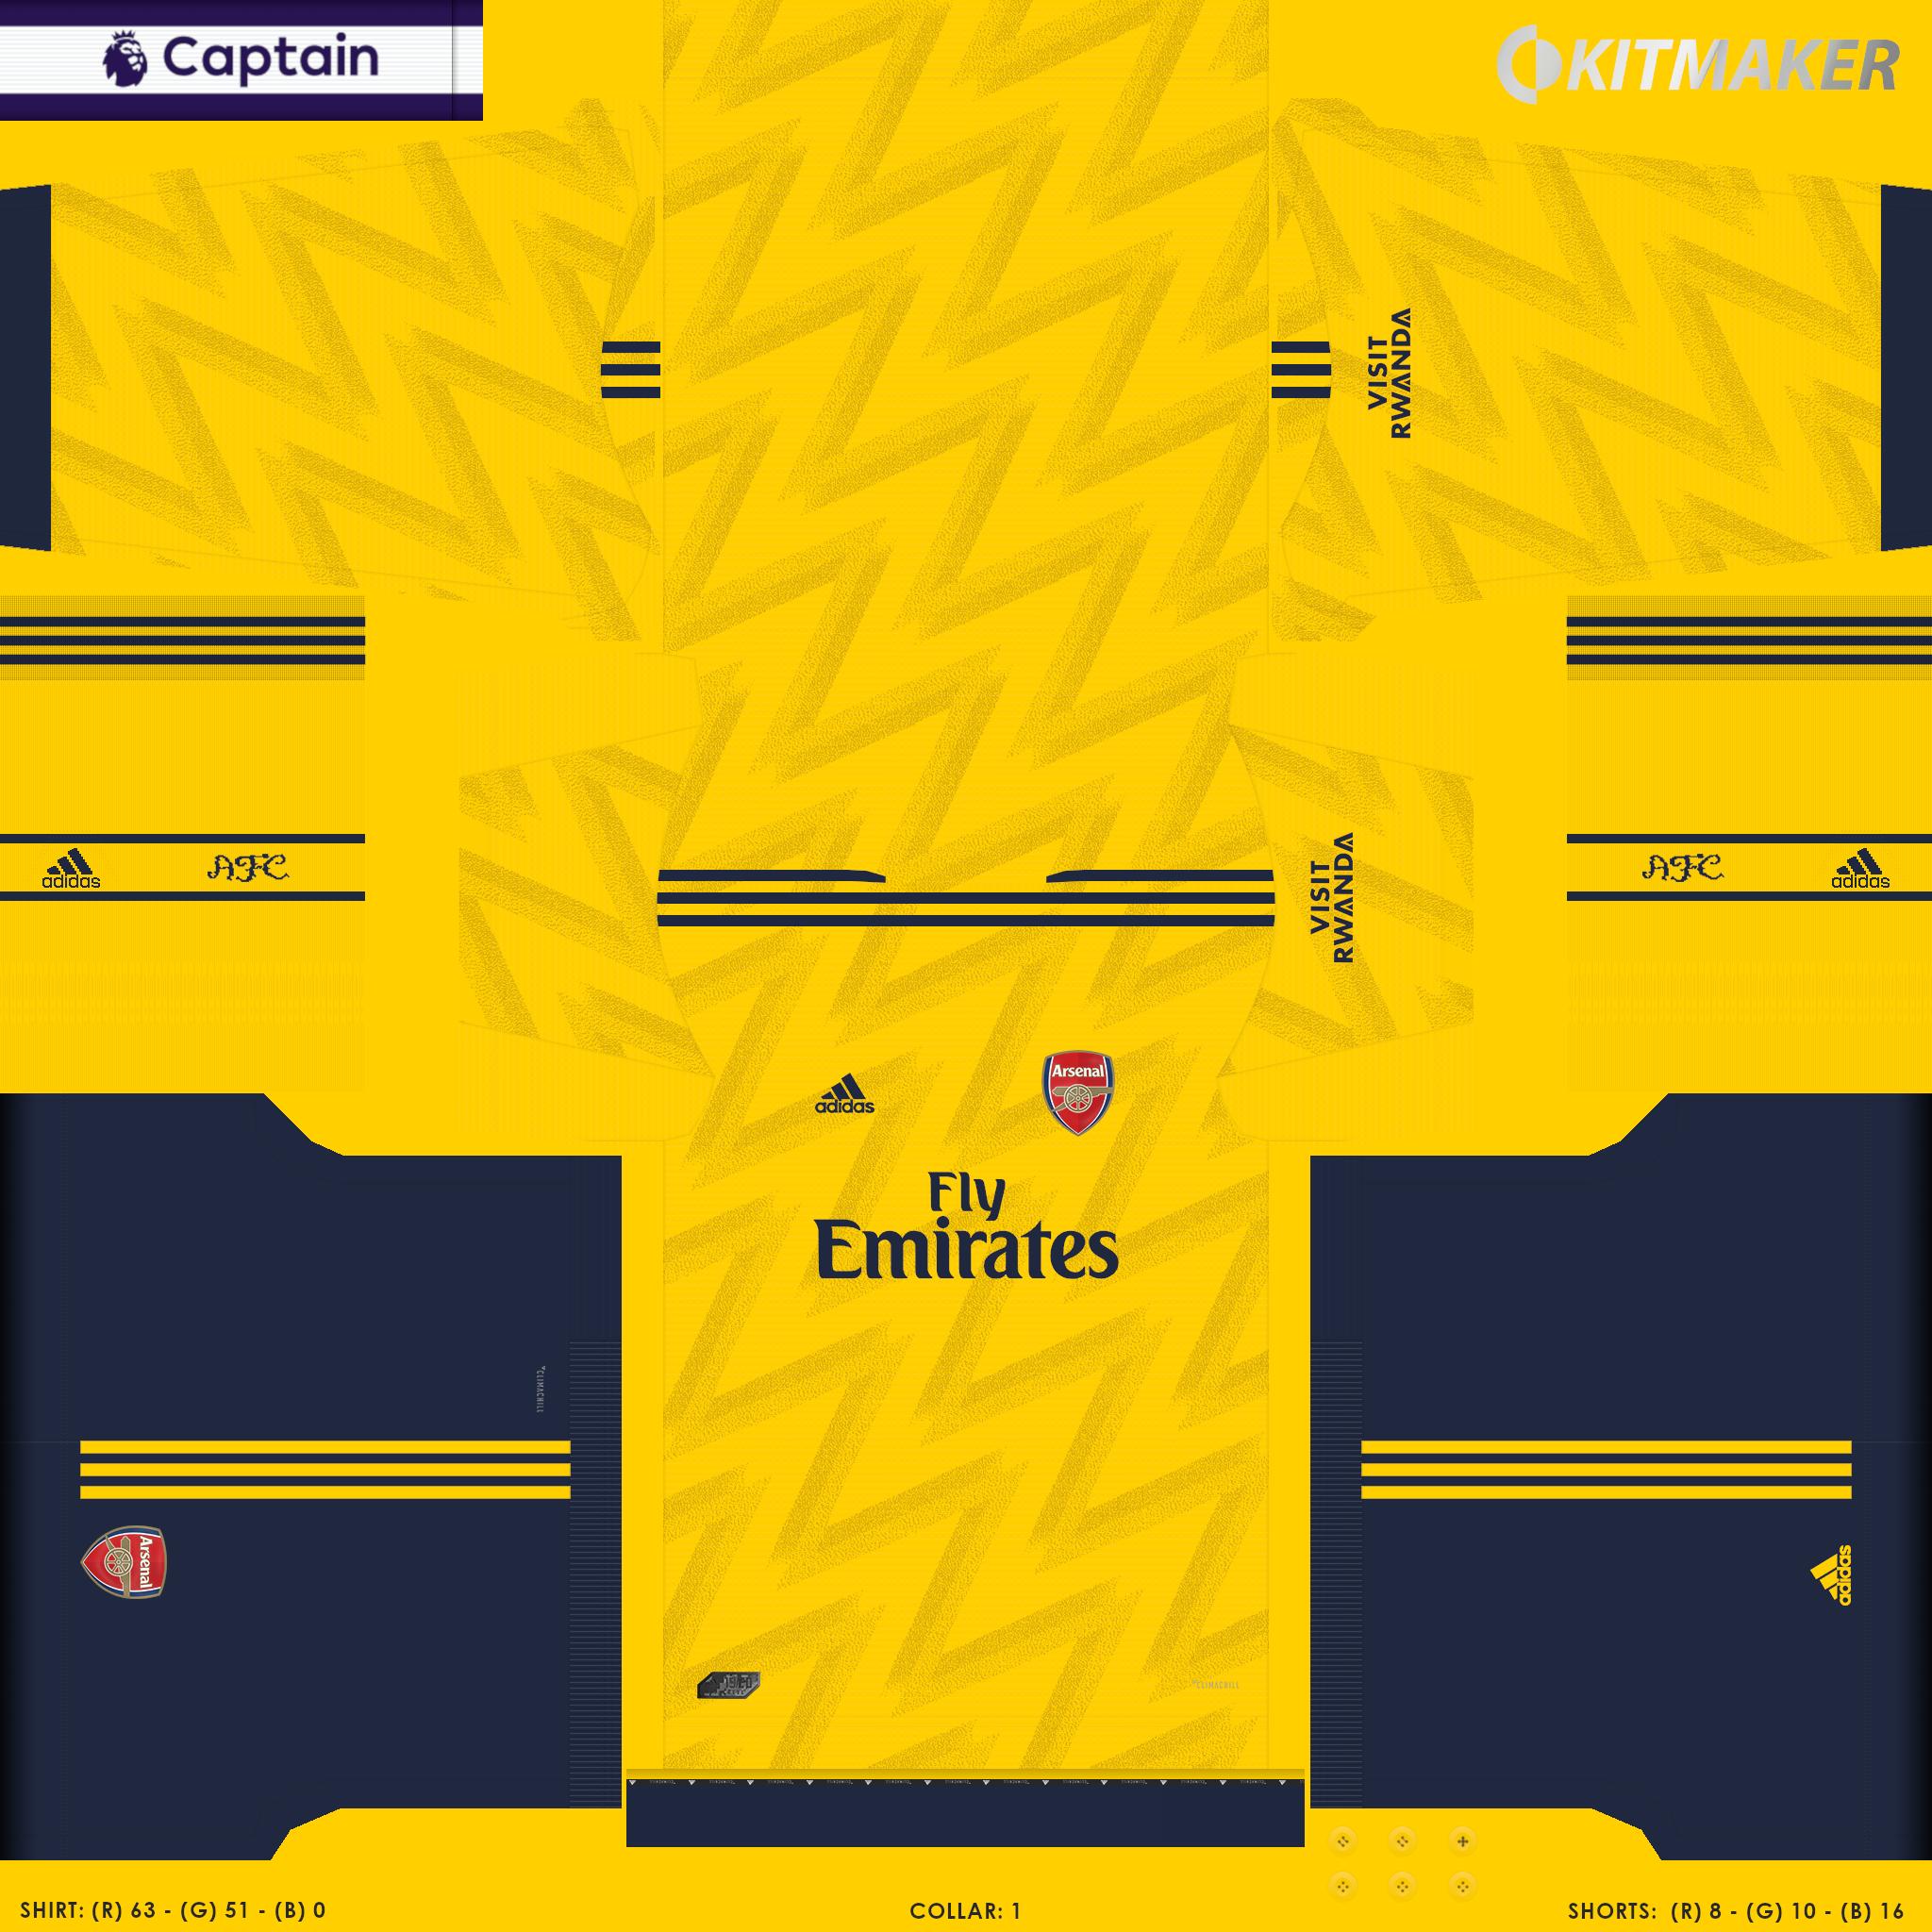 ENG 1 ARS 2 PES Premier League Kits Pack 2019 2020